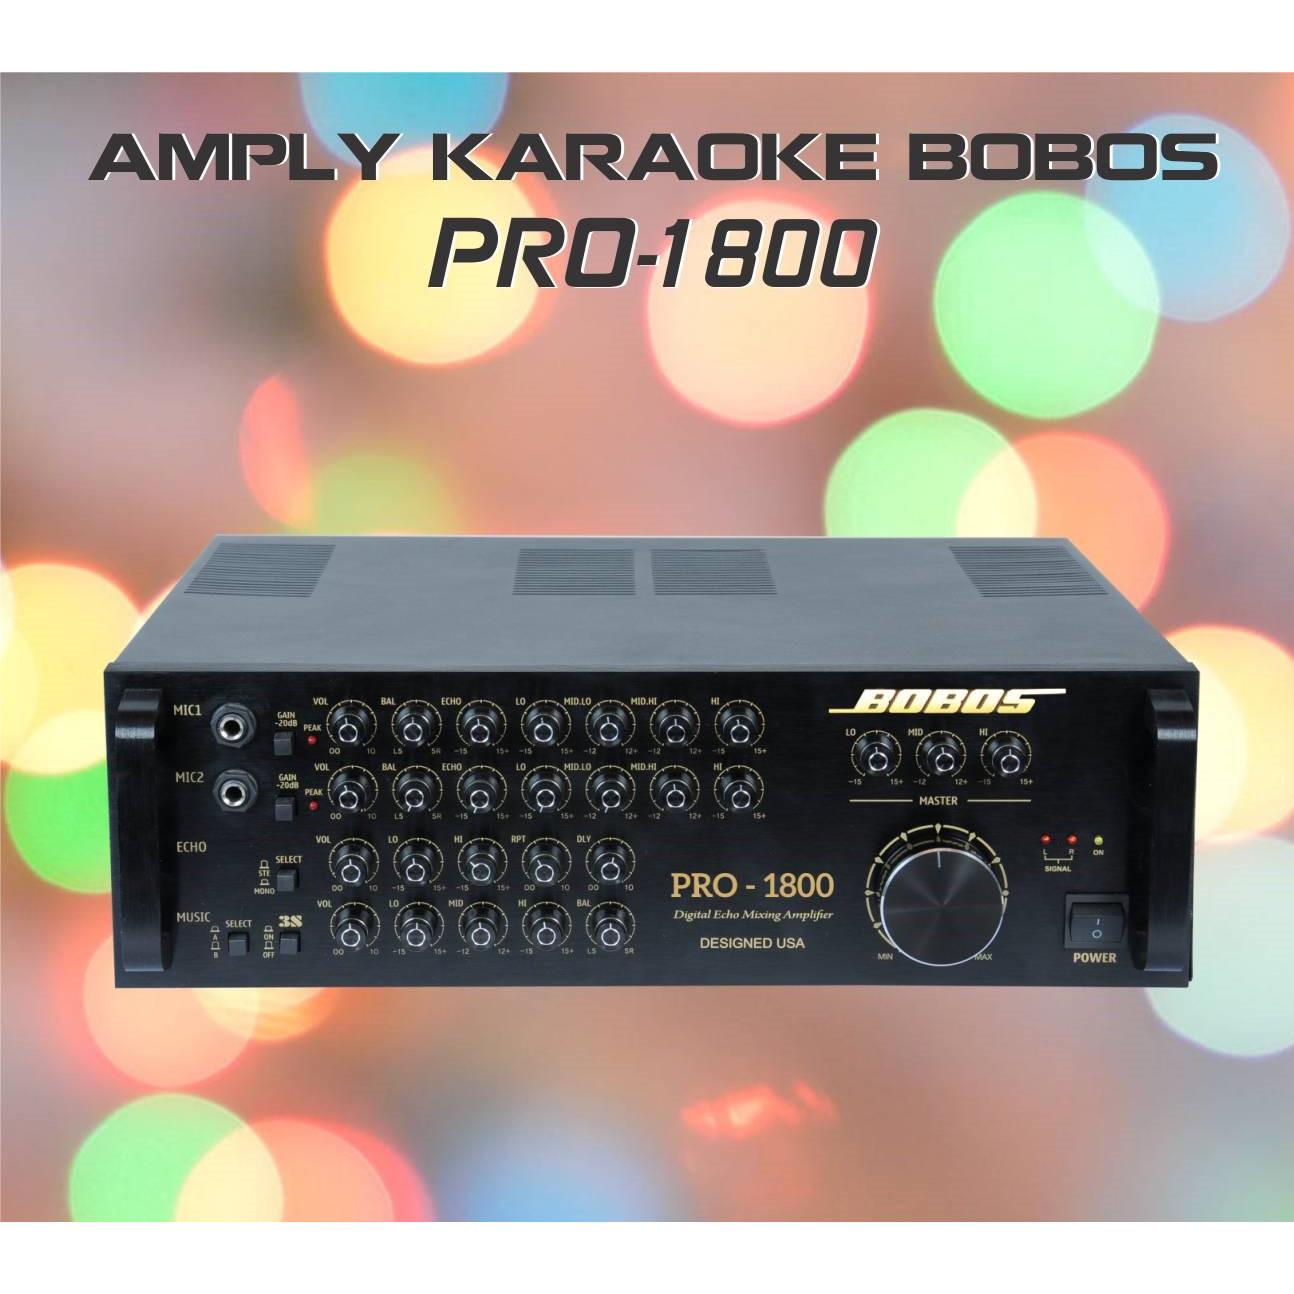 Amply karaoke BOBOS PRO-1800 (Hàng chính hãng)